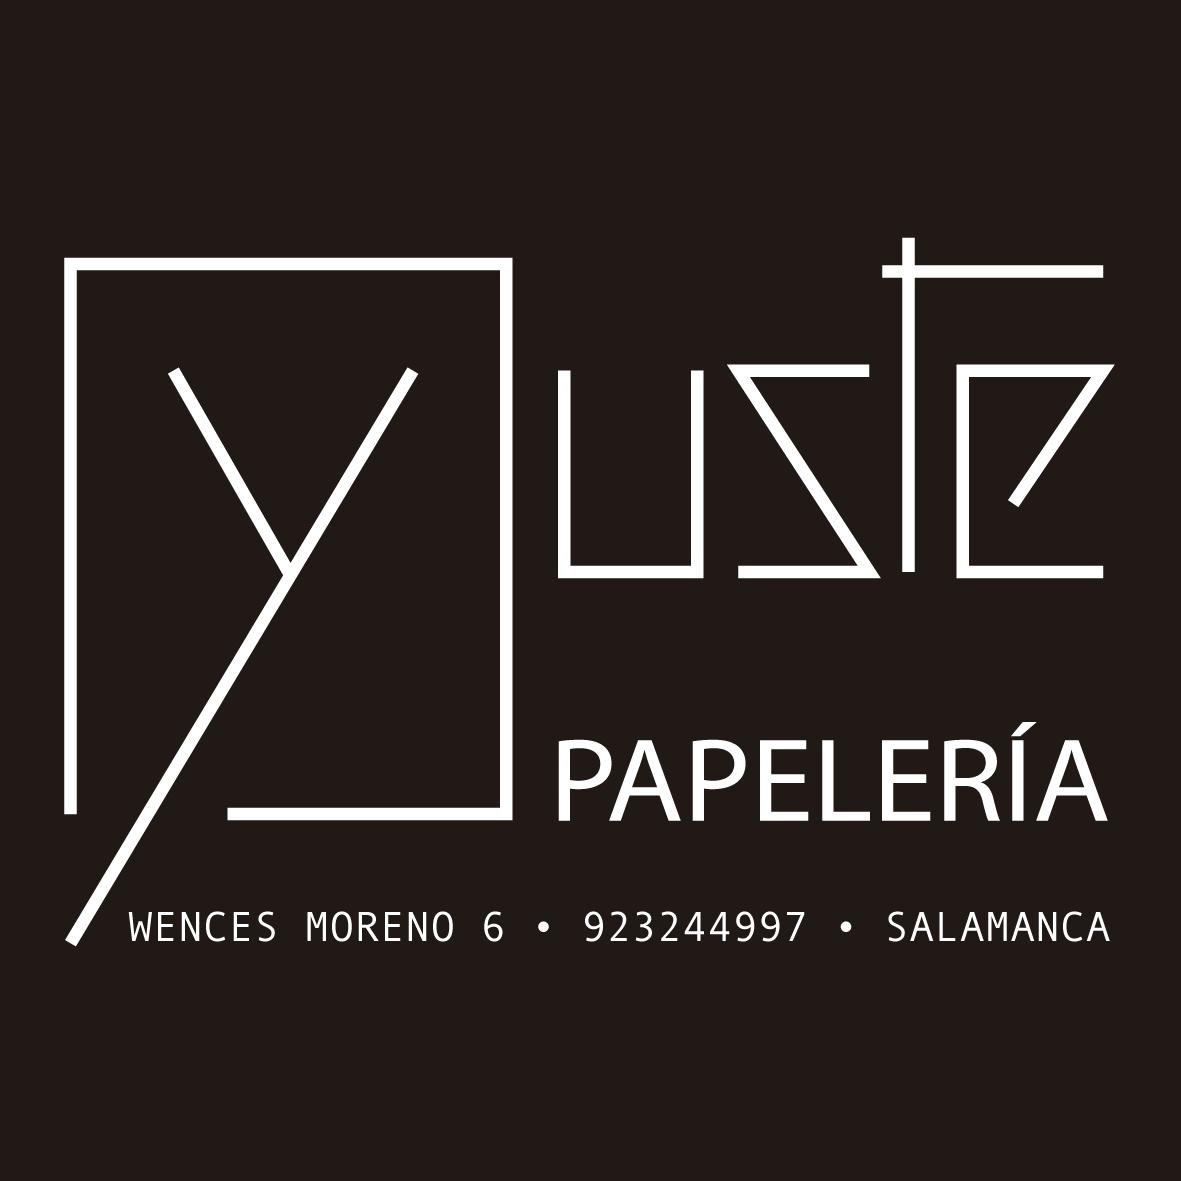 Logo comerç PAPELERIA YUSTE C.B